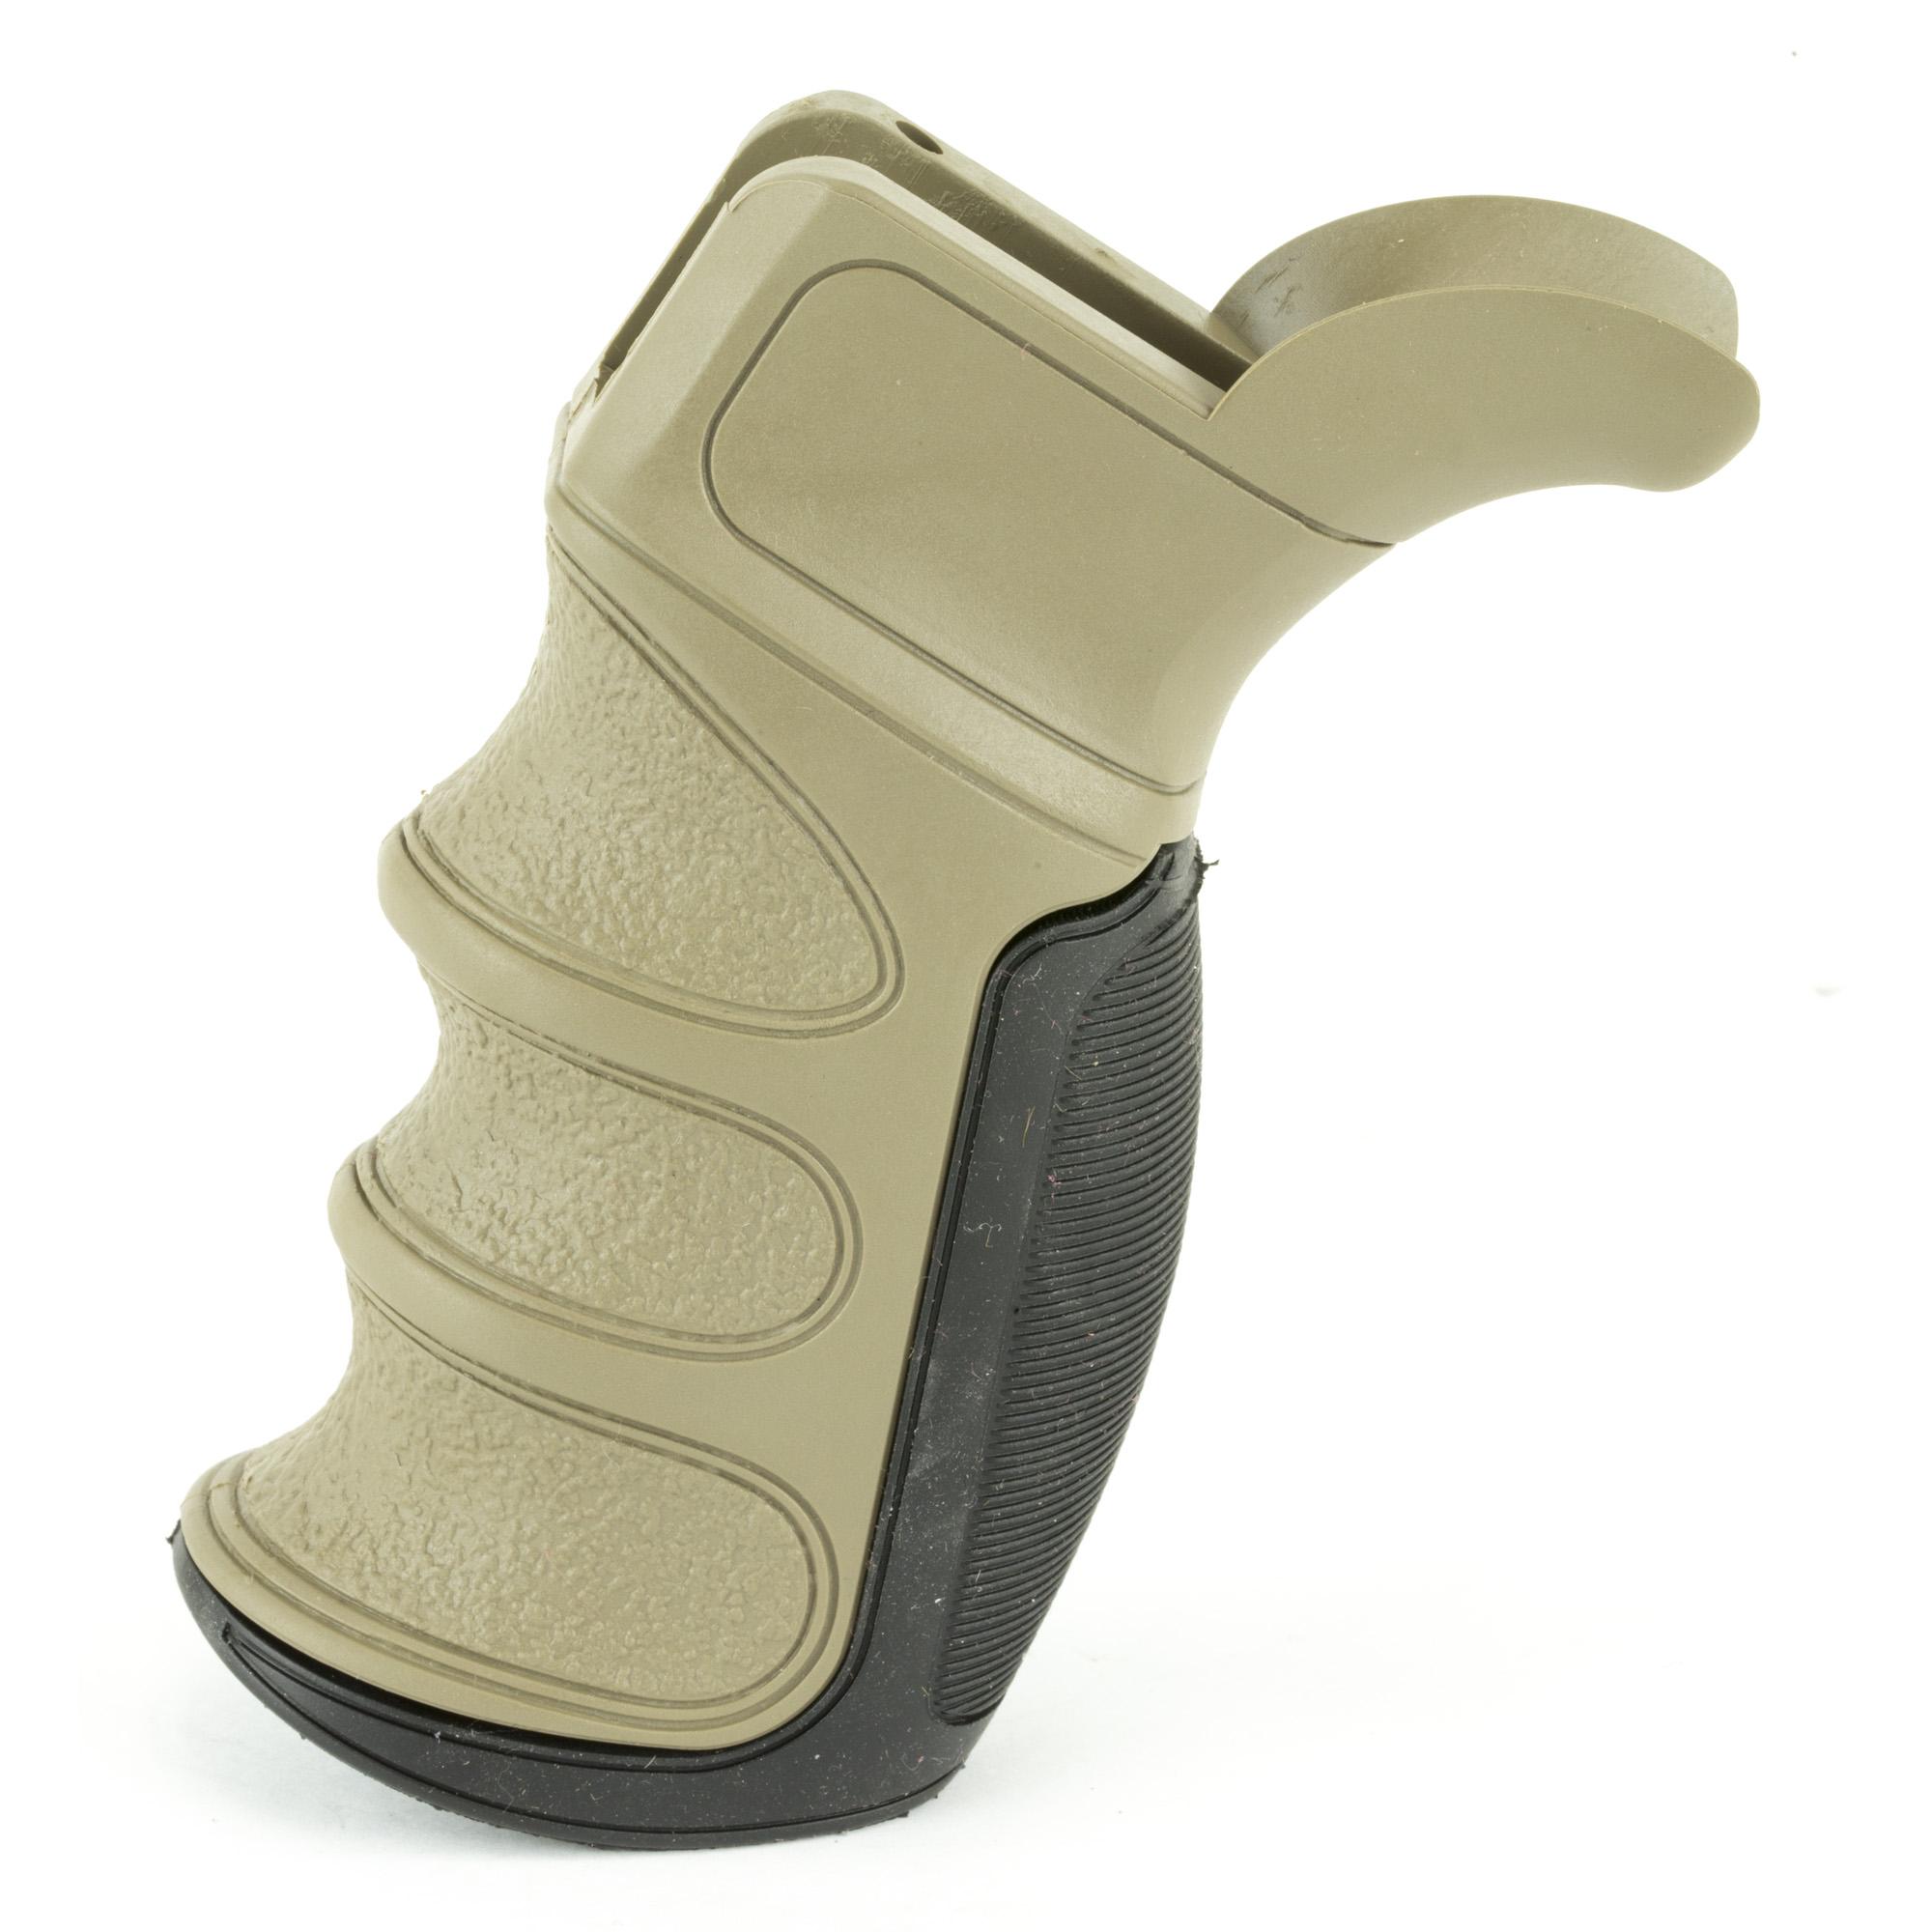 Adv Tech Ar15 X1 Pistol Grip Fde